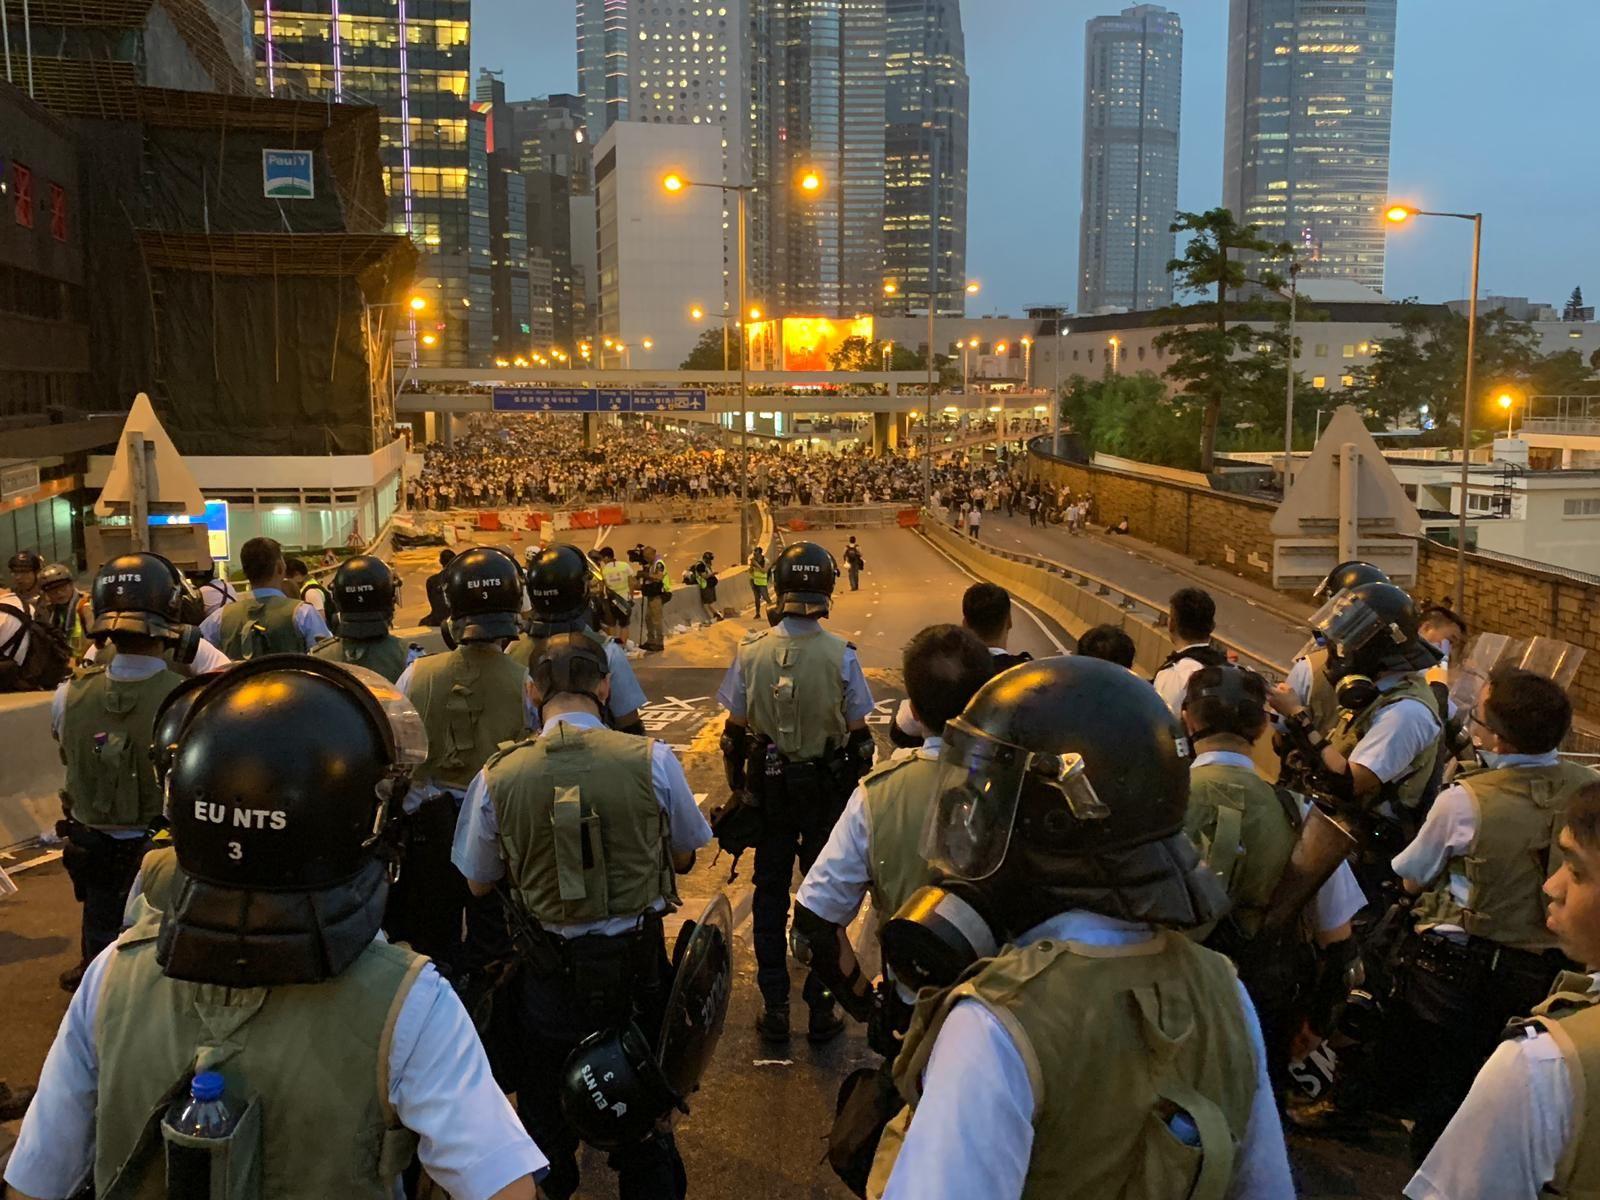 警方隨即在天橋戒備,氣氛一度緊張。